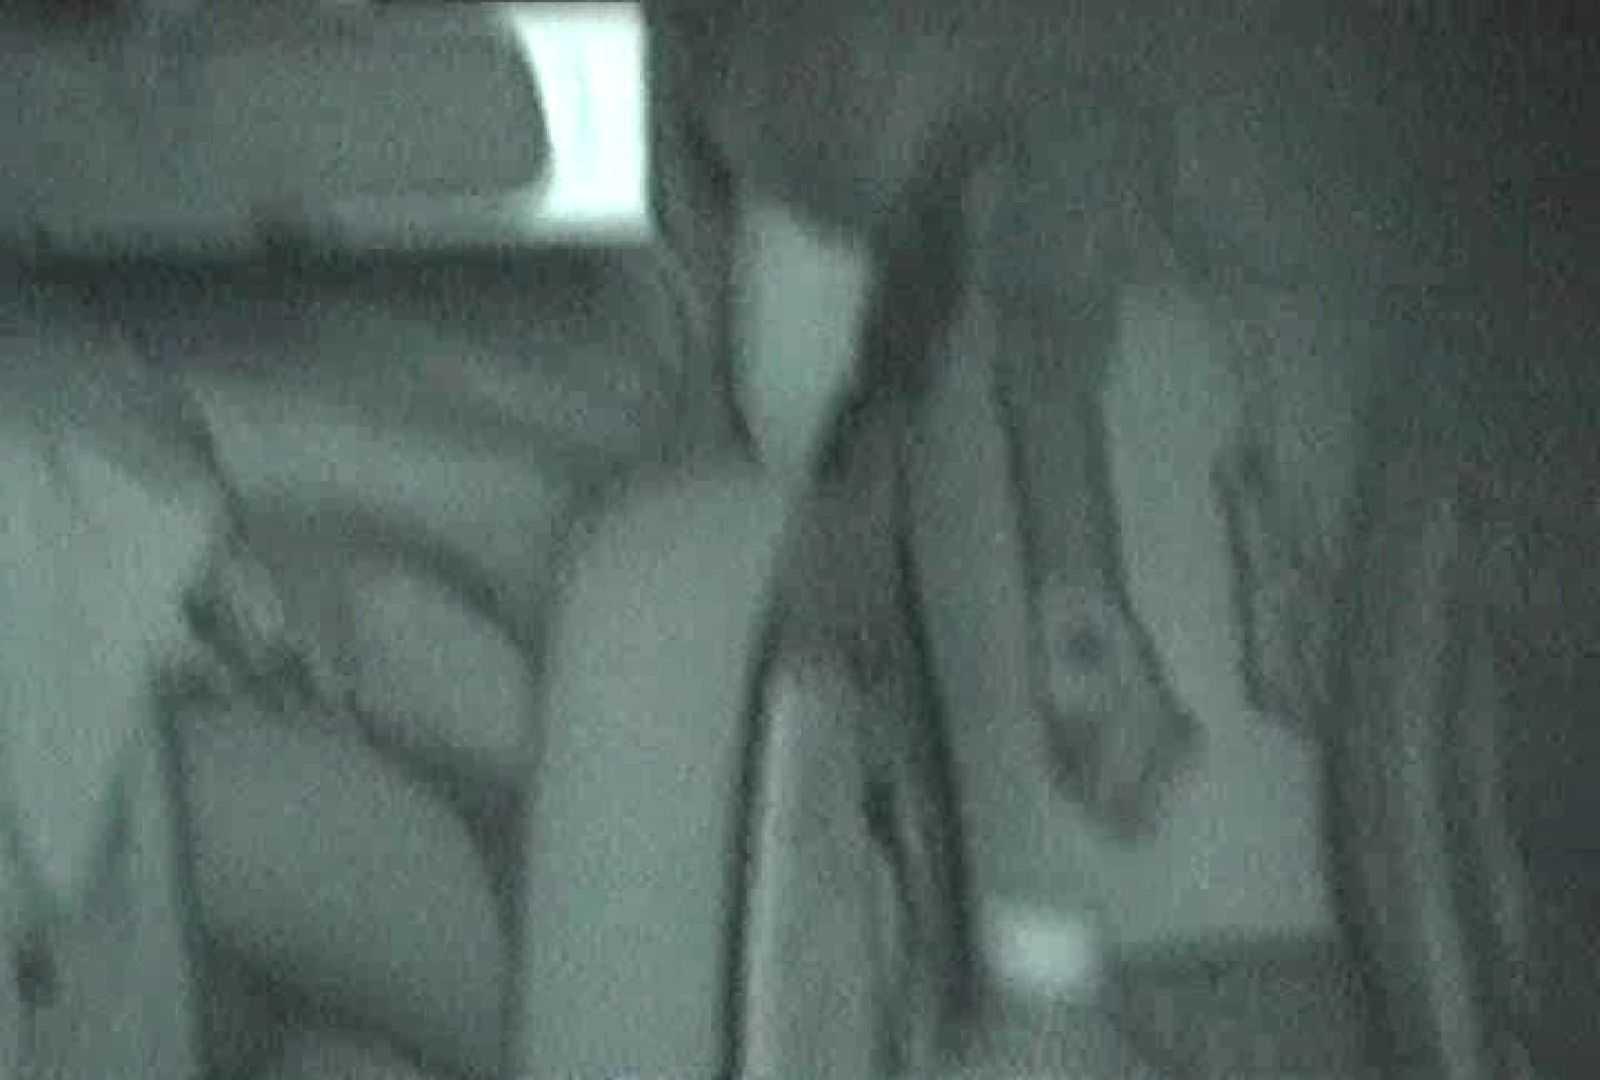 充血監督の深夜の運動会Vol.74 熟女丸裸 | 現役ギャル  96pic 16